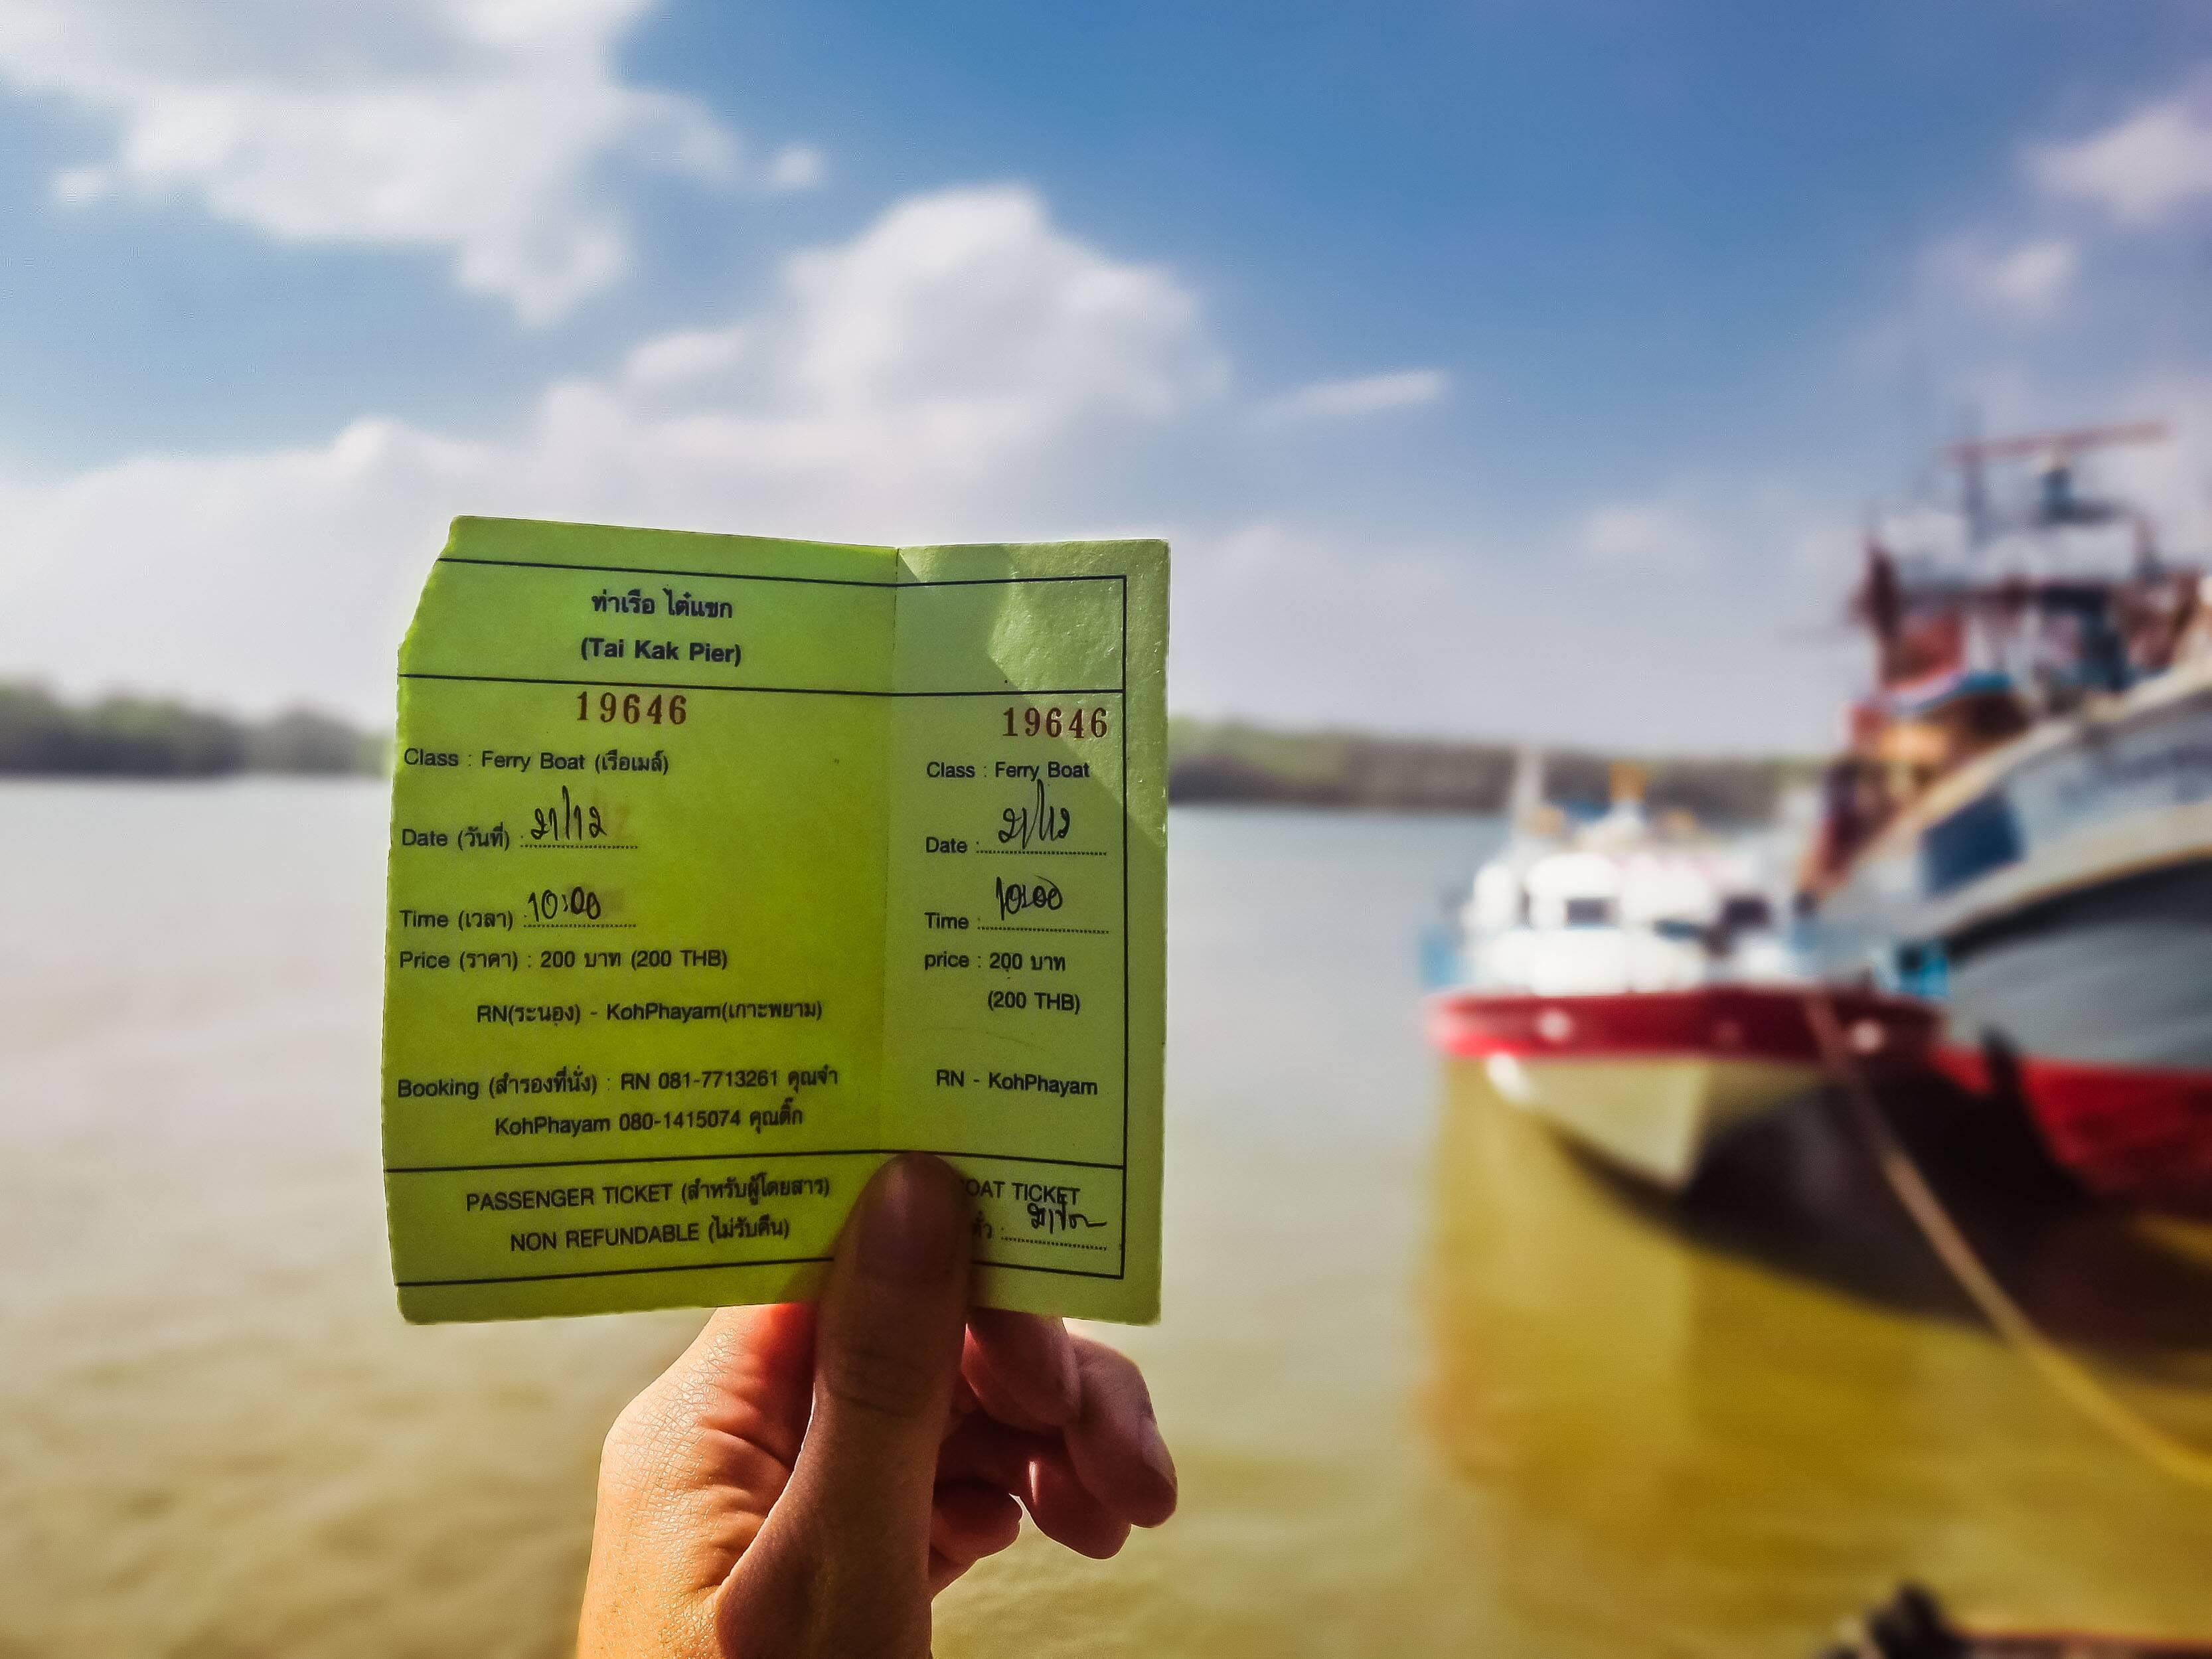 Bilhete do barco saindo do Tai Kak Pier em Ranong para Koh Phayam